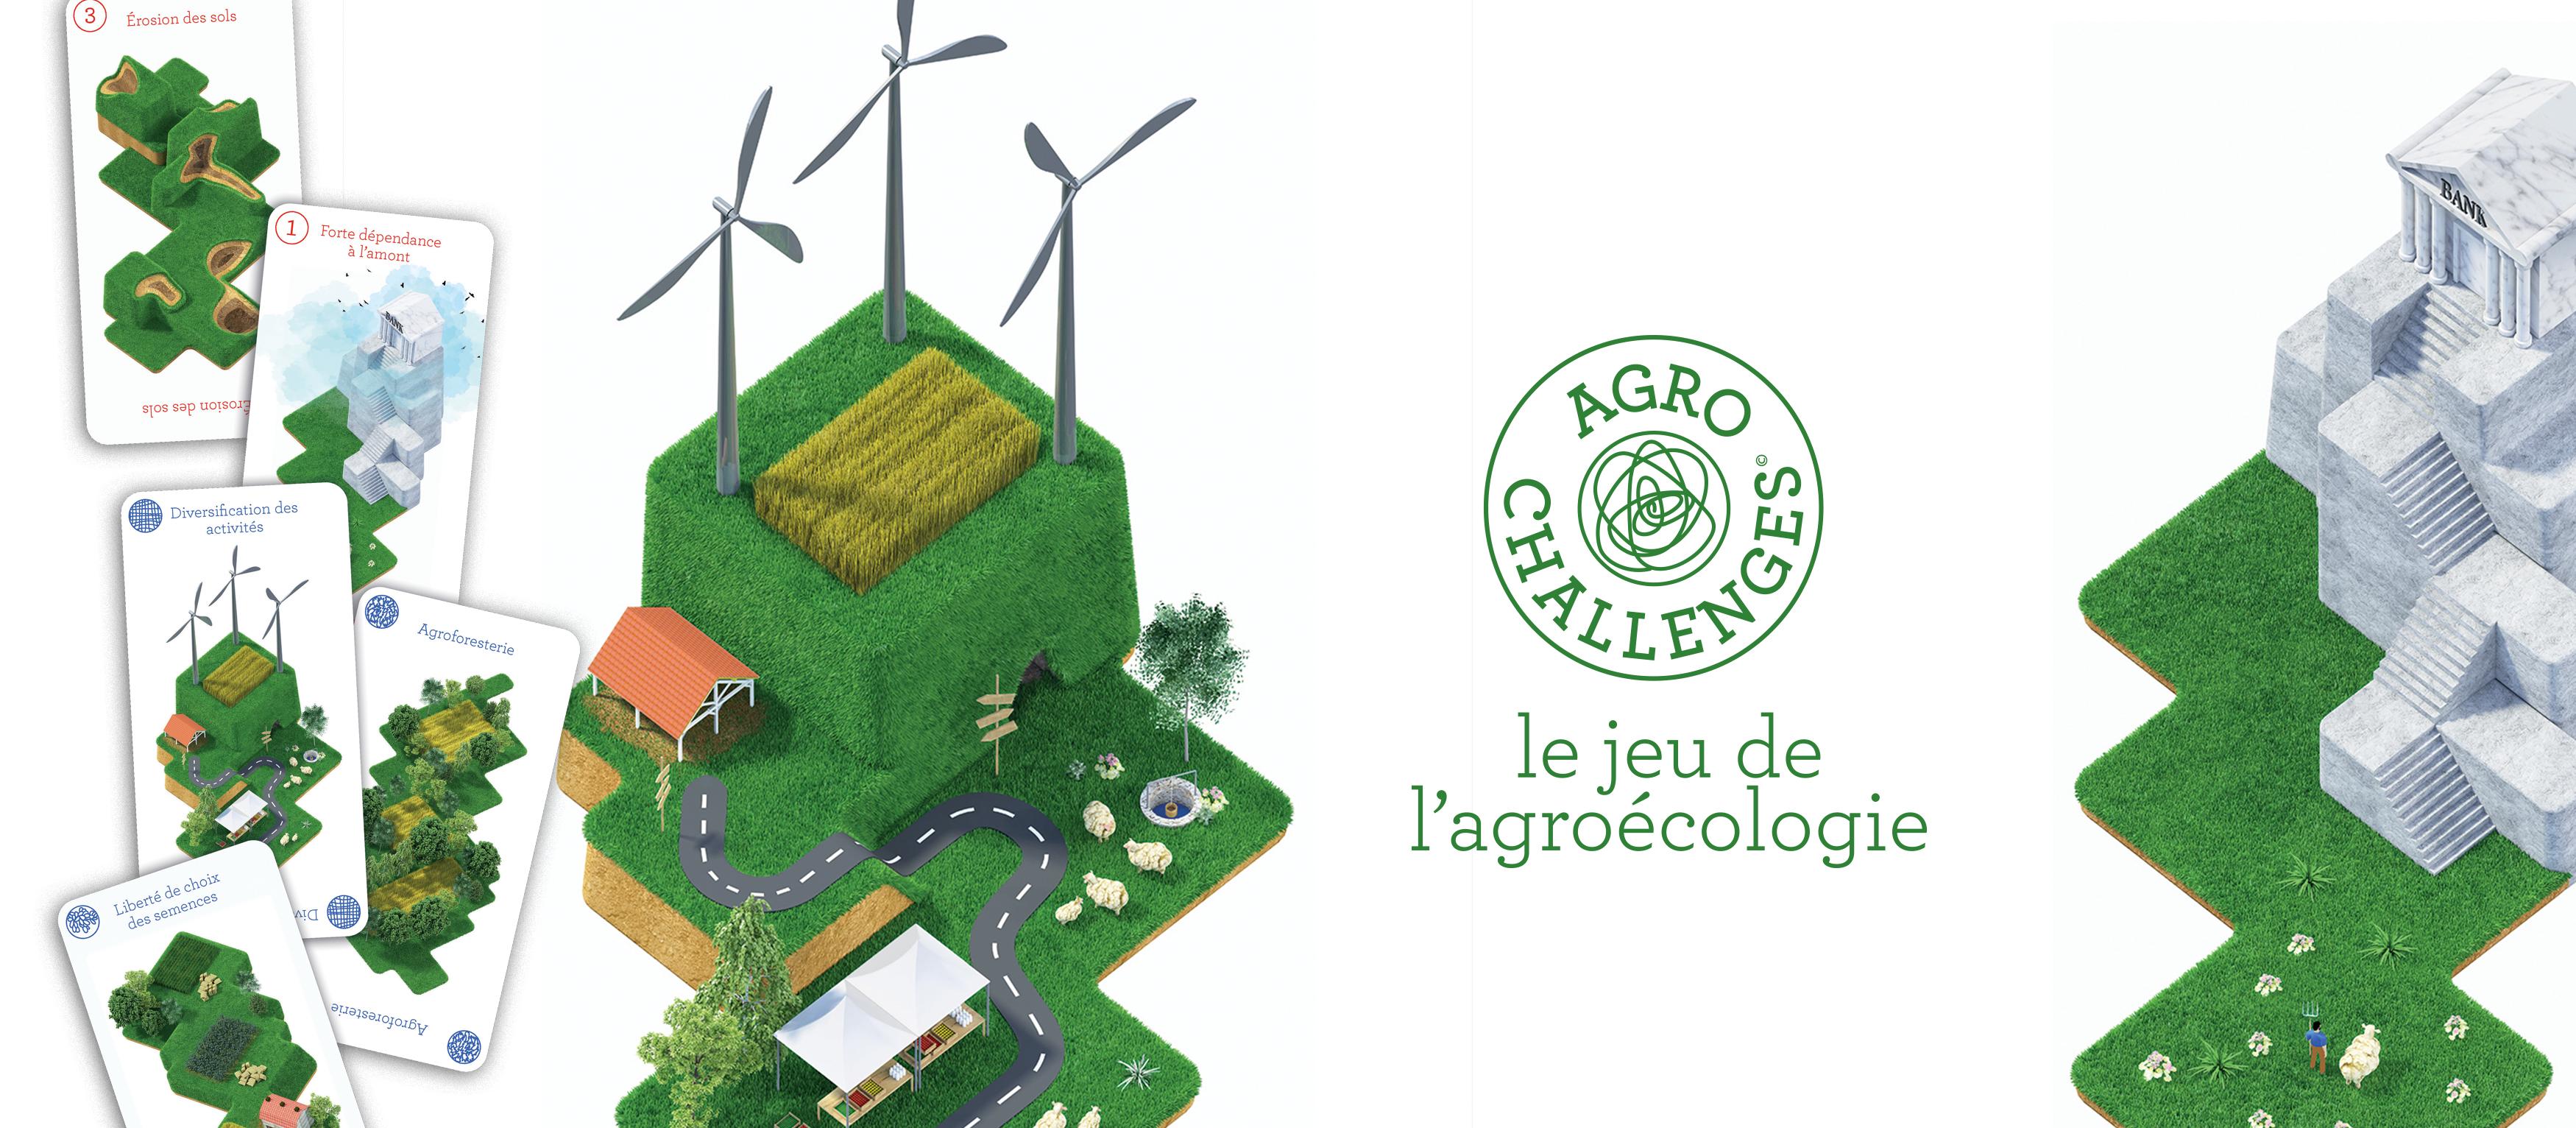 Vaulot_Agrochallenges-1